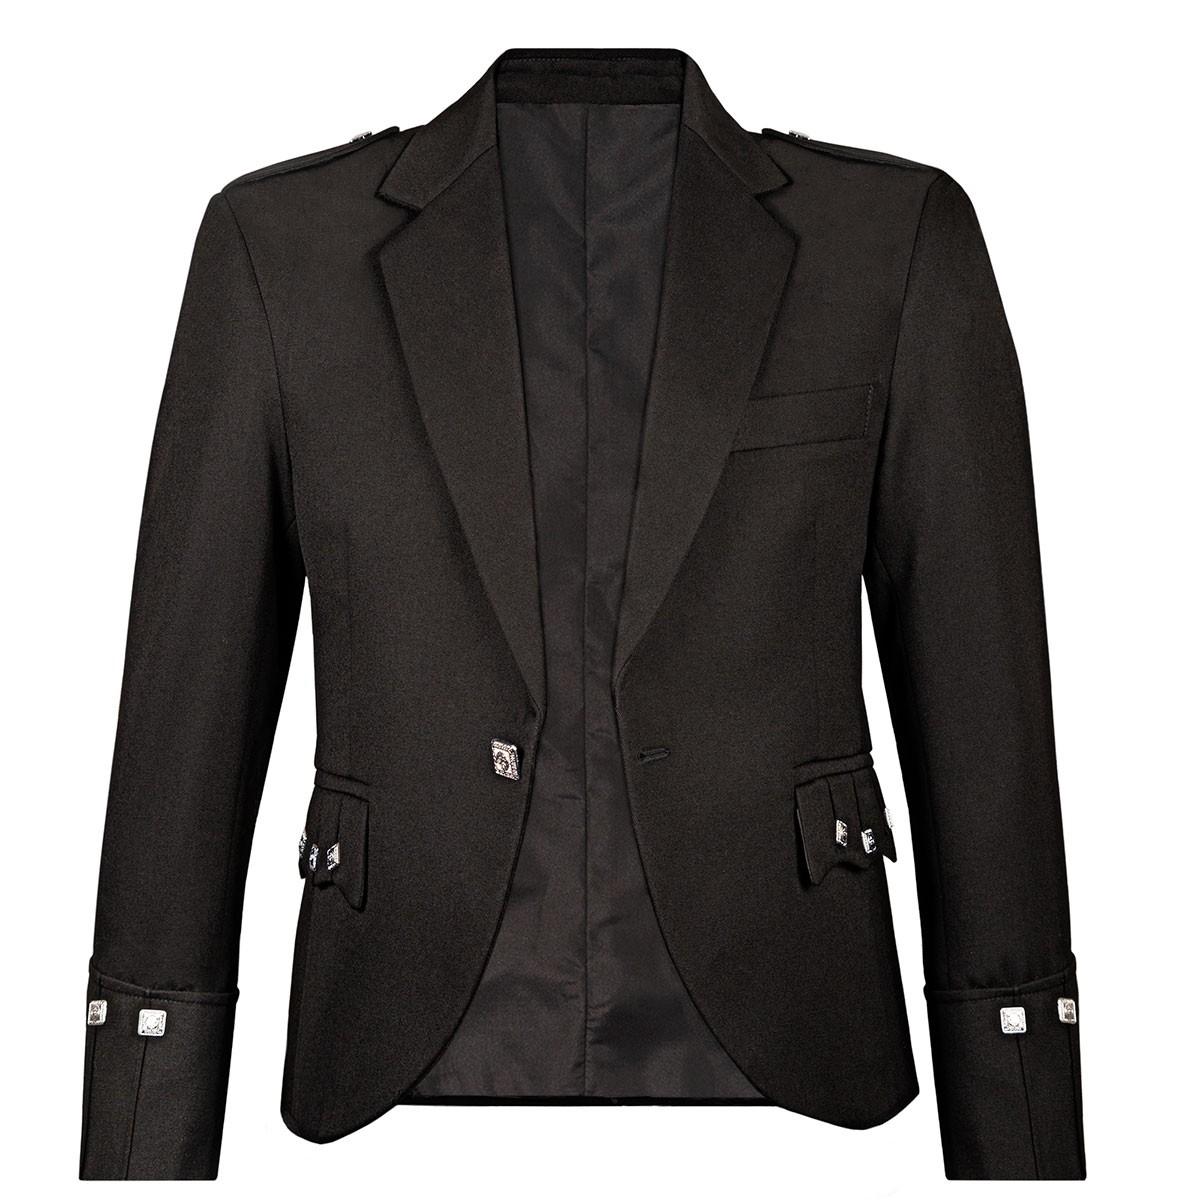 Barathea Argyll Kilt Jacket